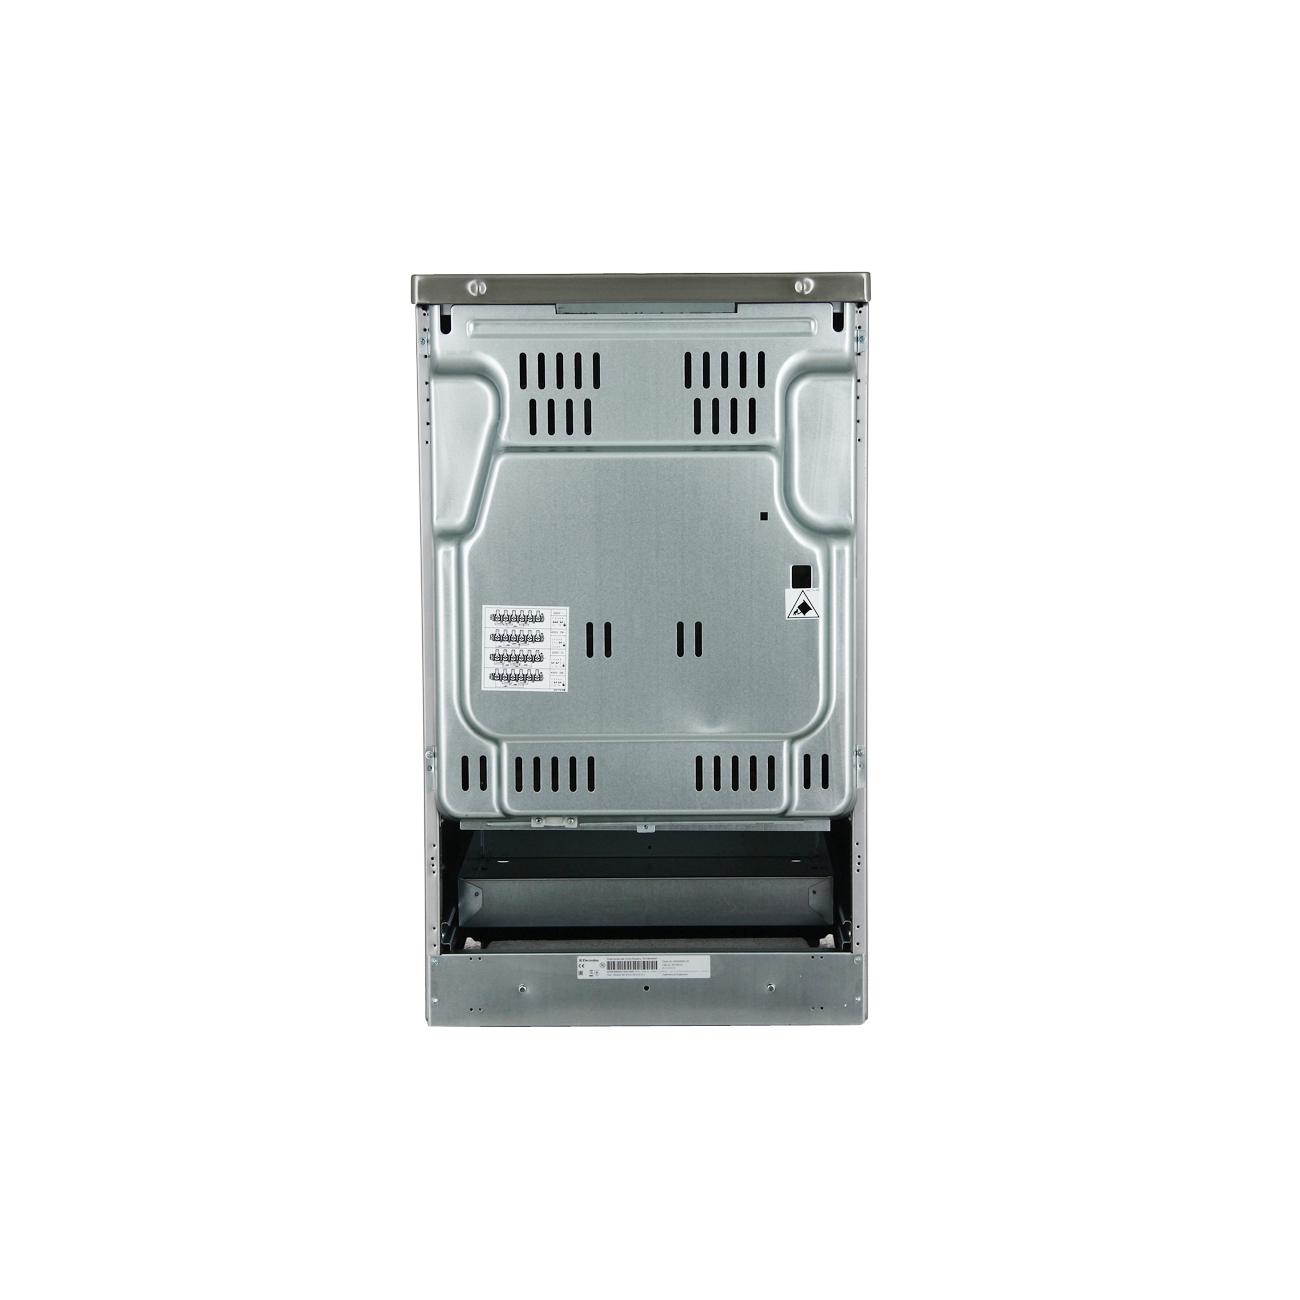 электрическая плита electrolux ekc 952501 x инструкция